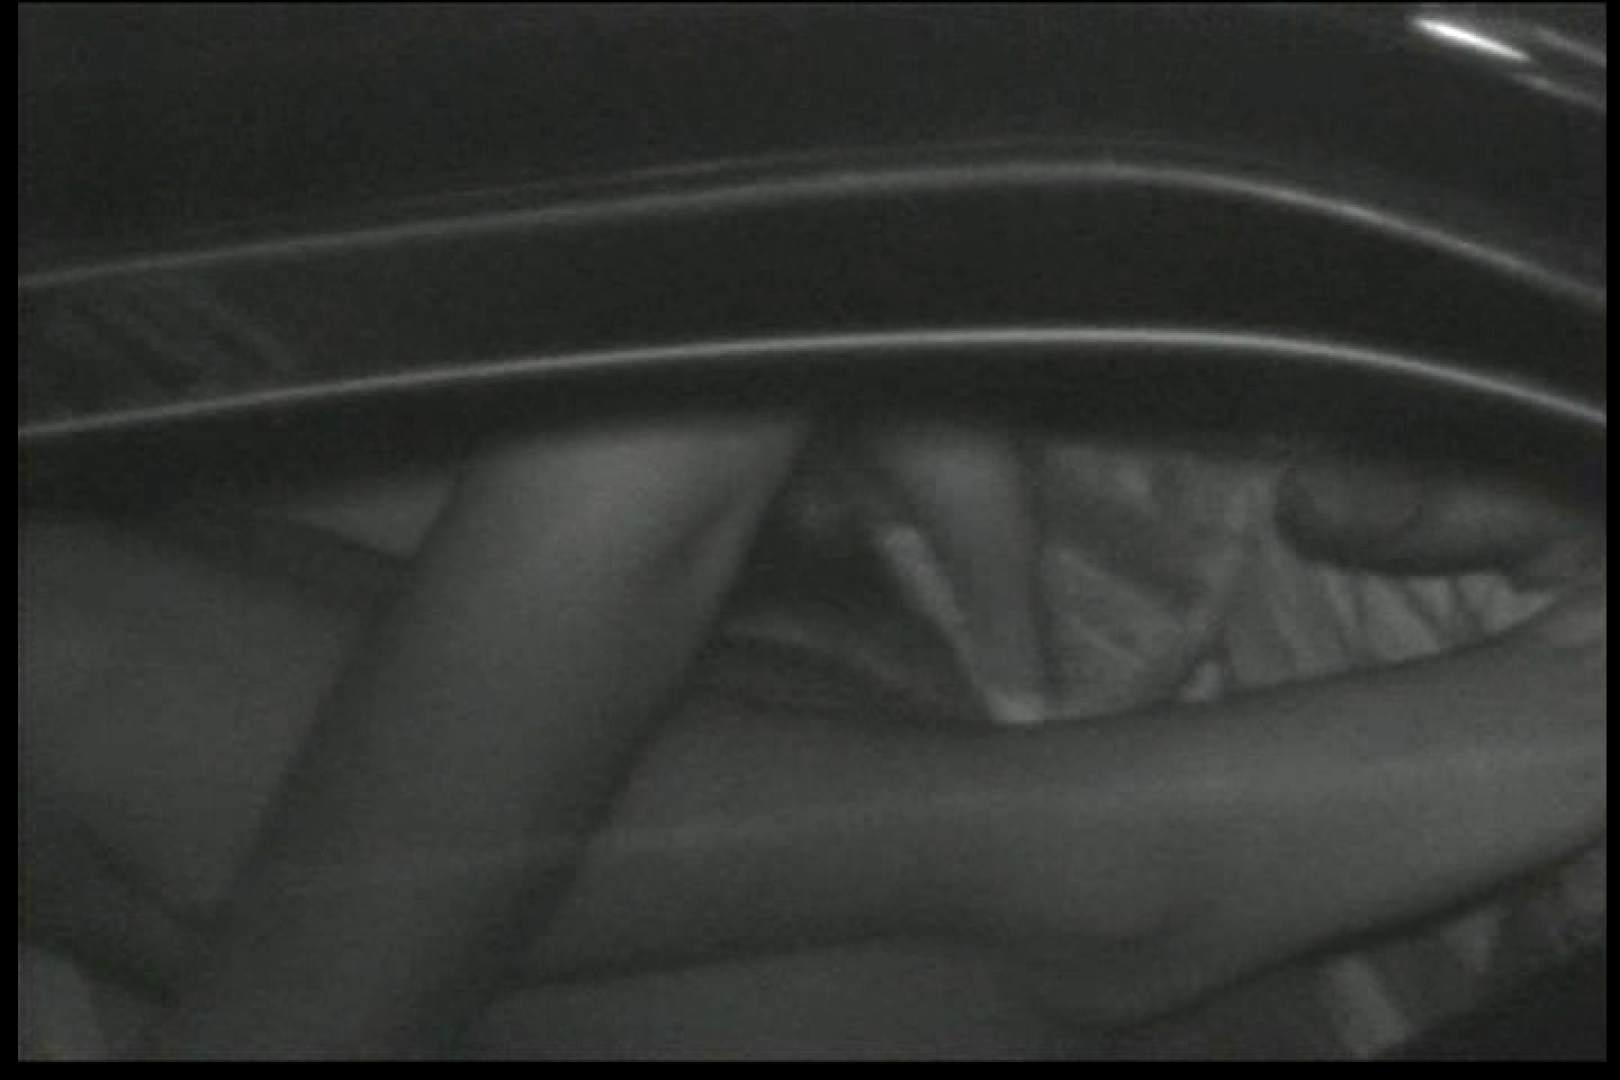 車の中はラブホテル 無修正版  Vol.12 美しいOLの裸体 盗み撮り動画キャプチャ 87pic 58